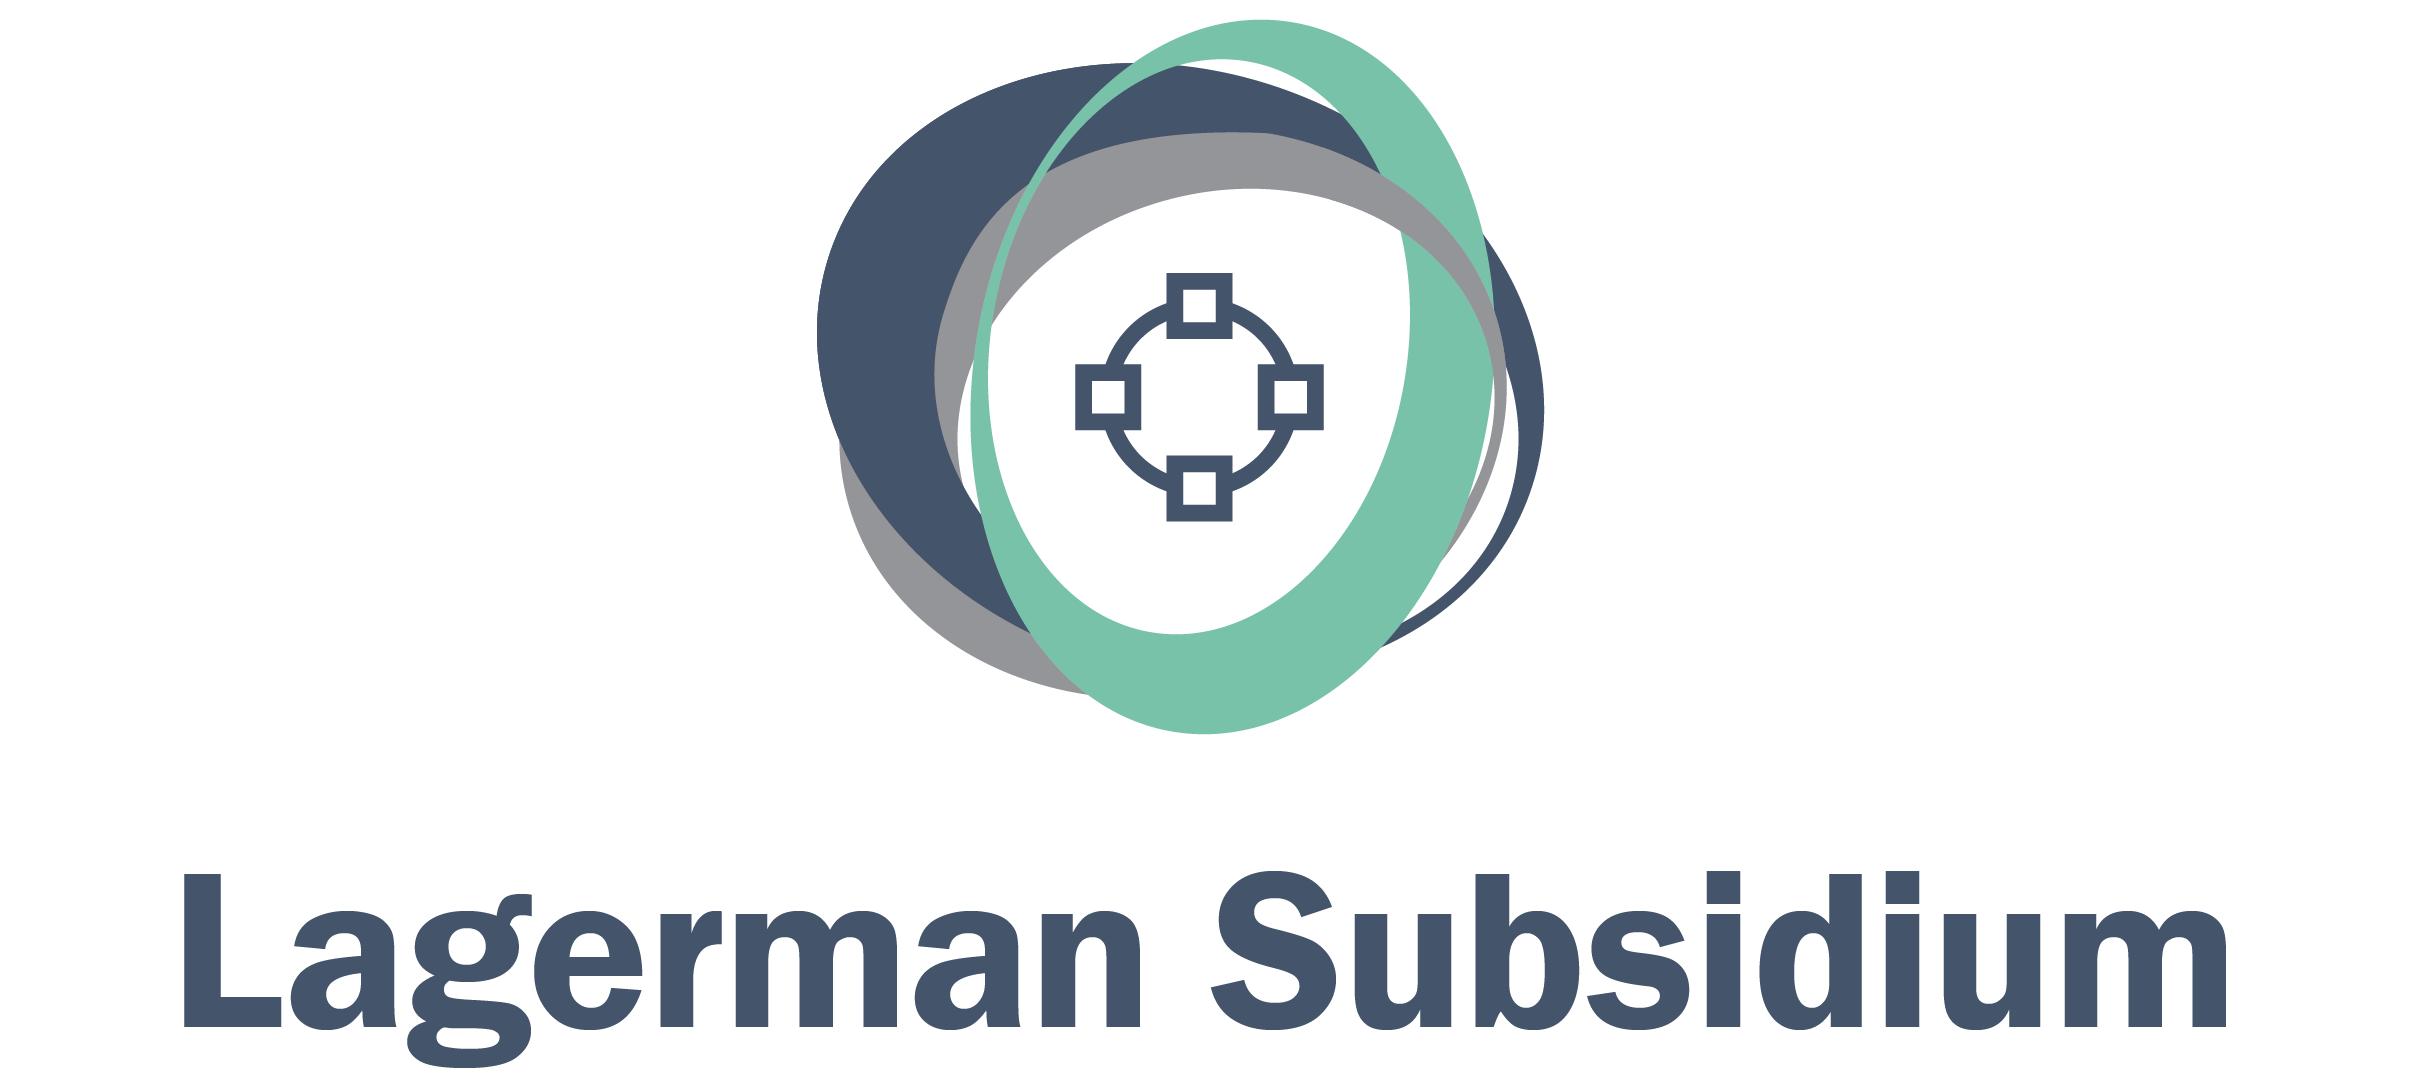 Lagerman Subsidium AB